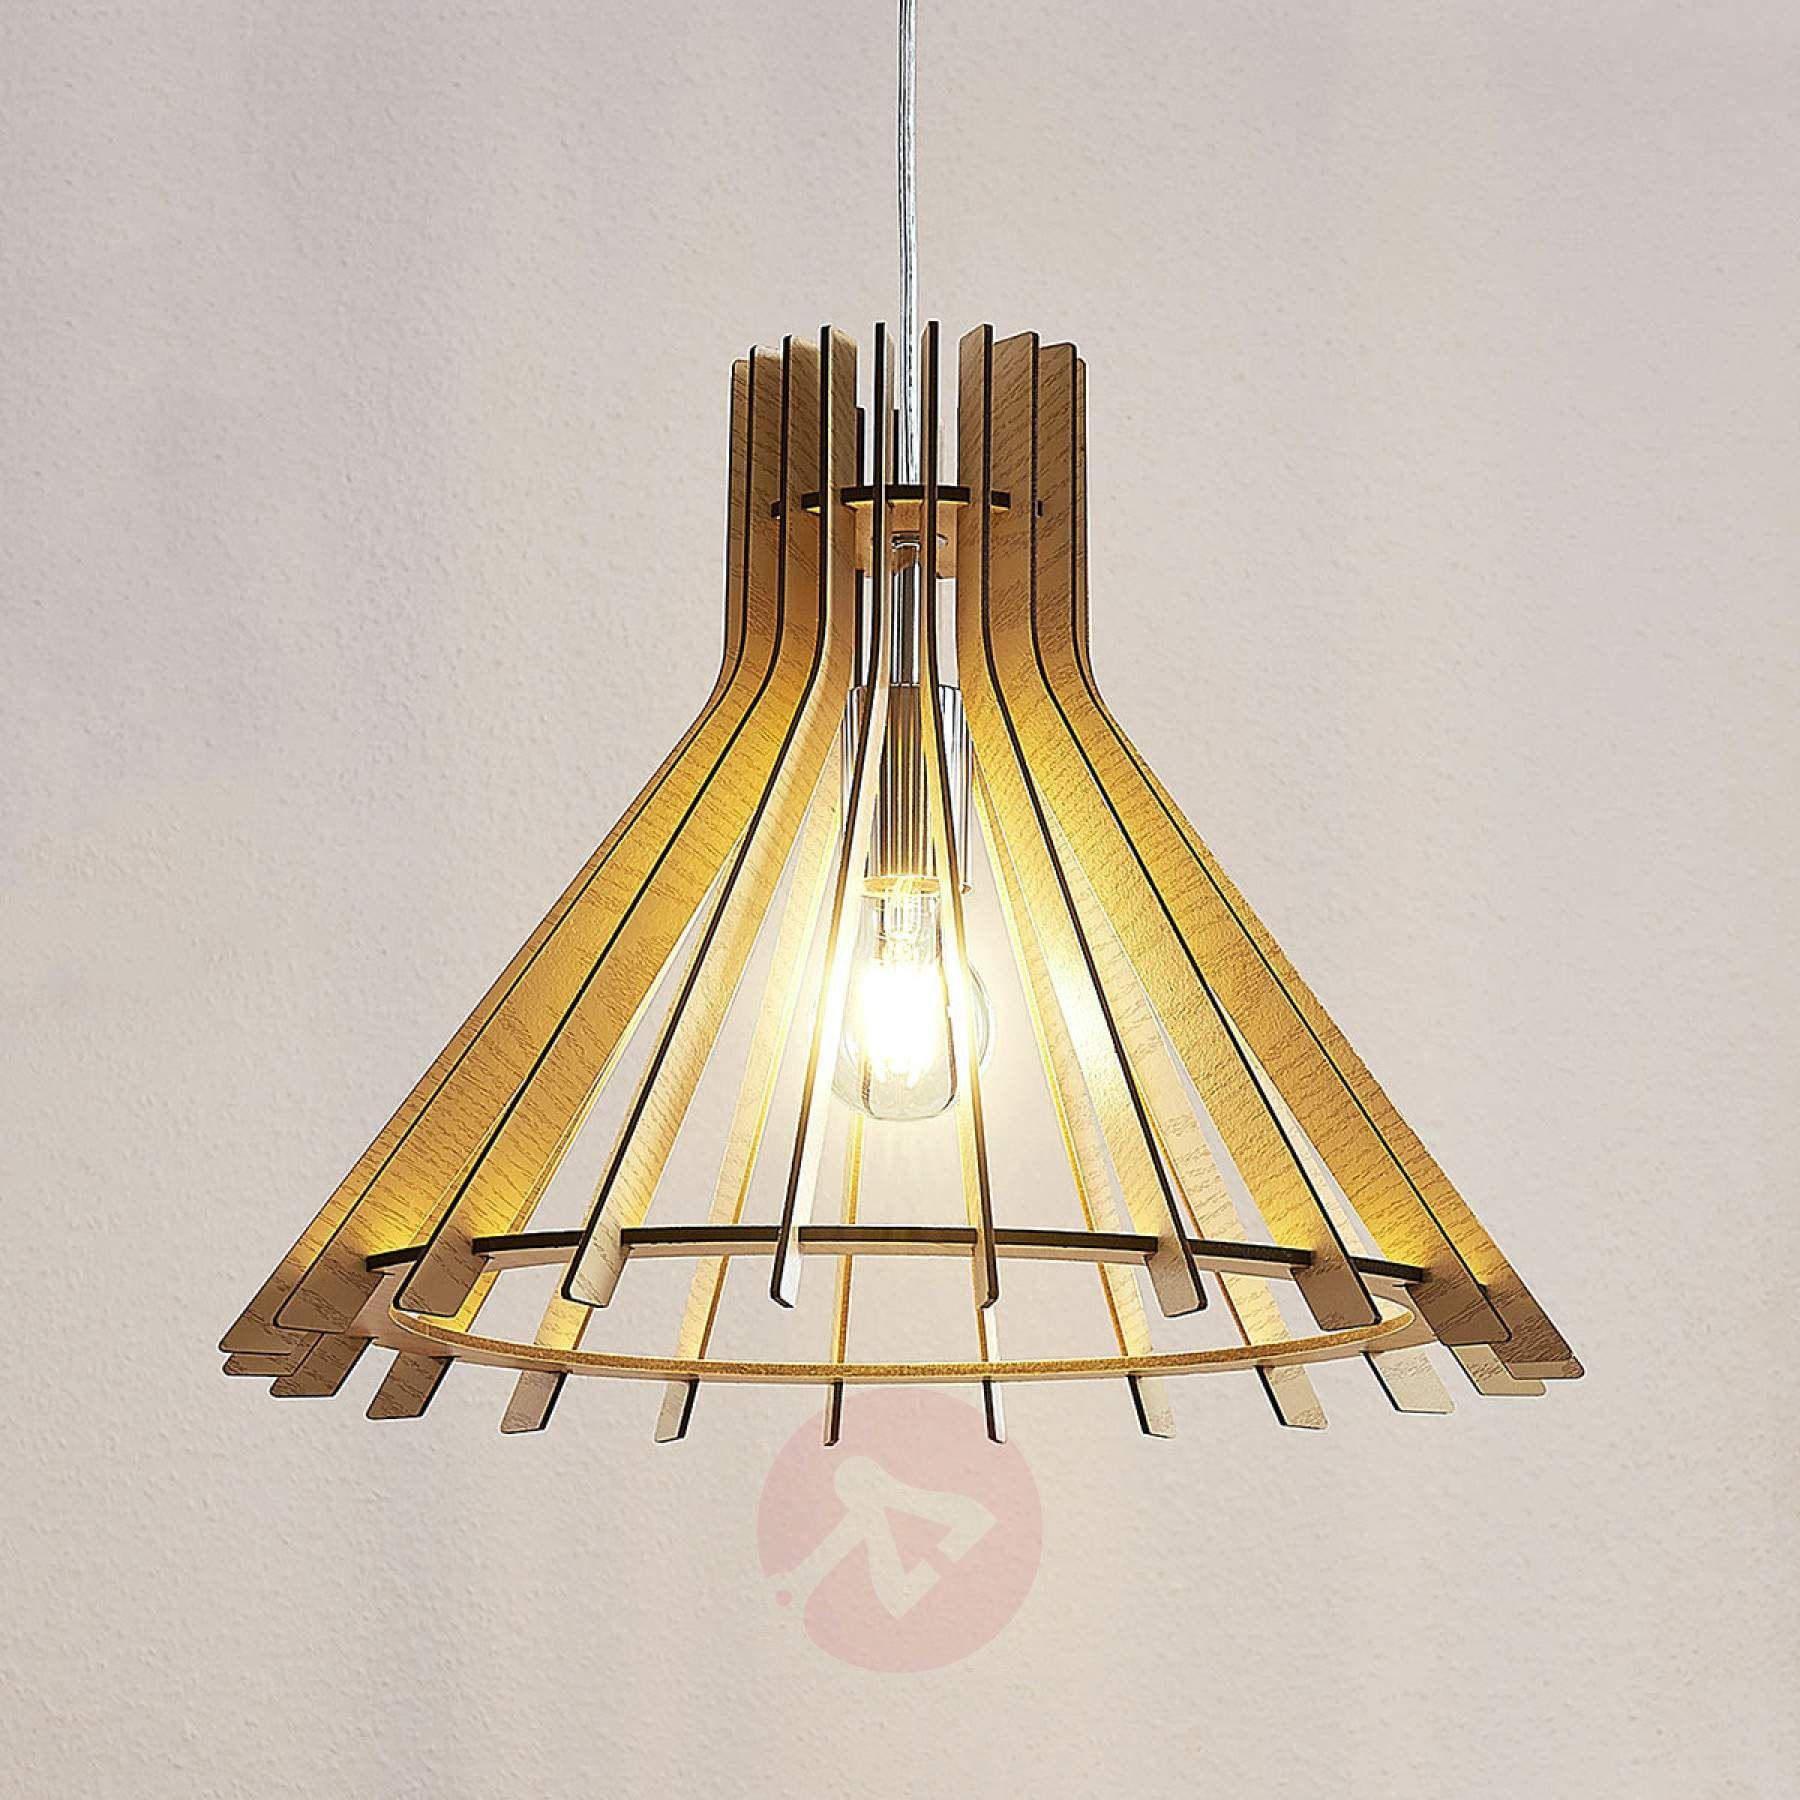 De 63 beste bildene for LAMPER i 2020 | Husdesign, Lampe i